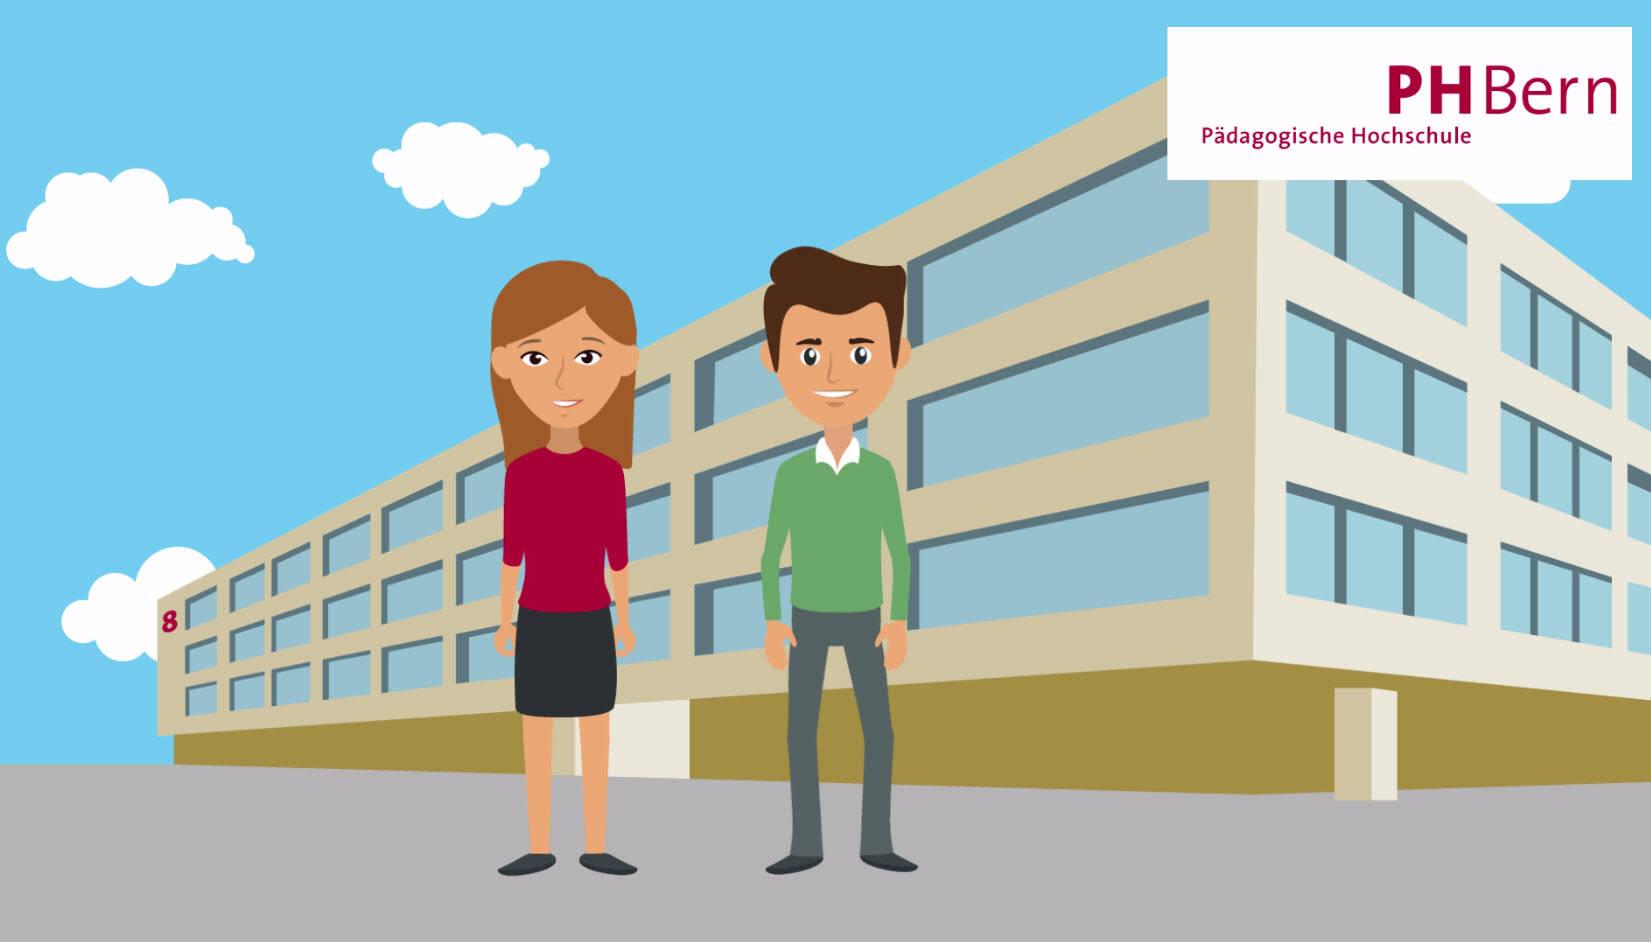 Bereits im Jahr 2018 wurde der Studienplan des Instituts für Heilpädagogik flexibler und individueller. Was sich verändert hat, zeigt das Erklärvideo unter: www.phbern.ch/heilpädagogik